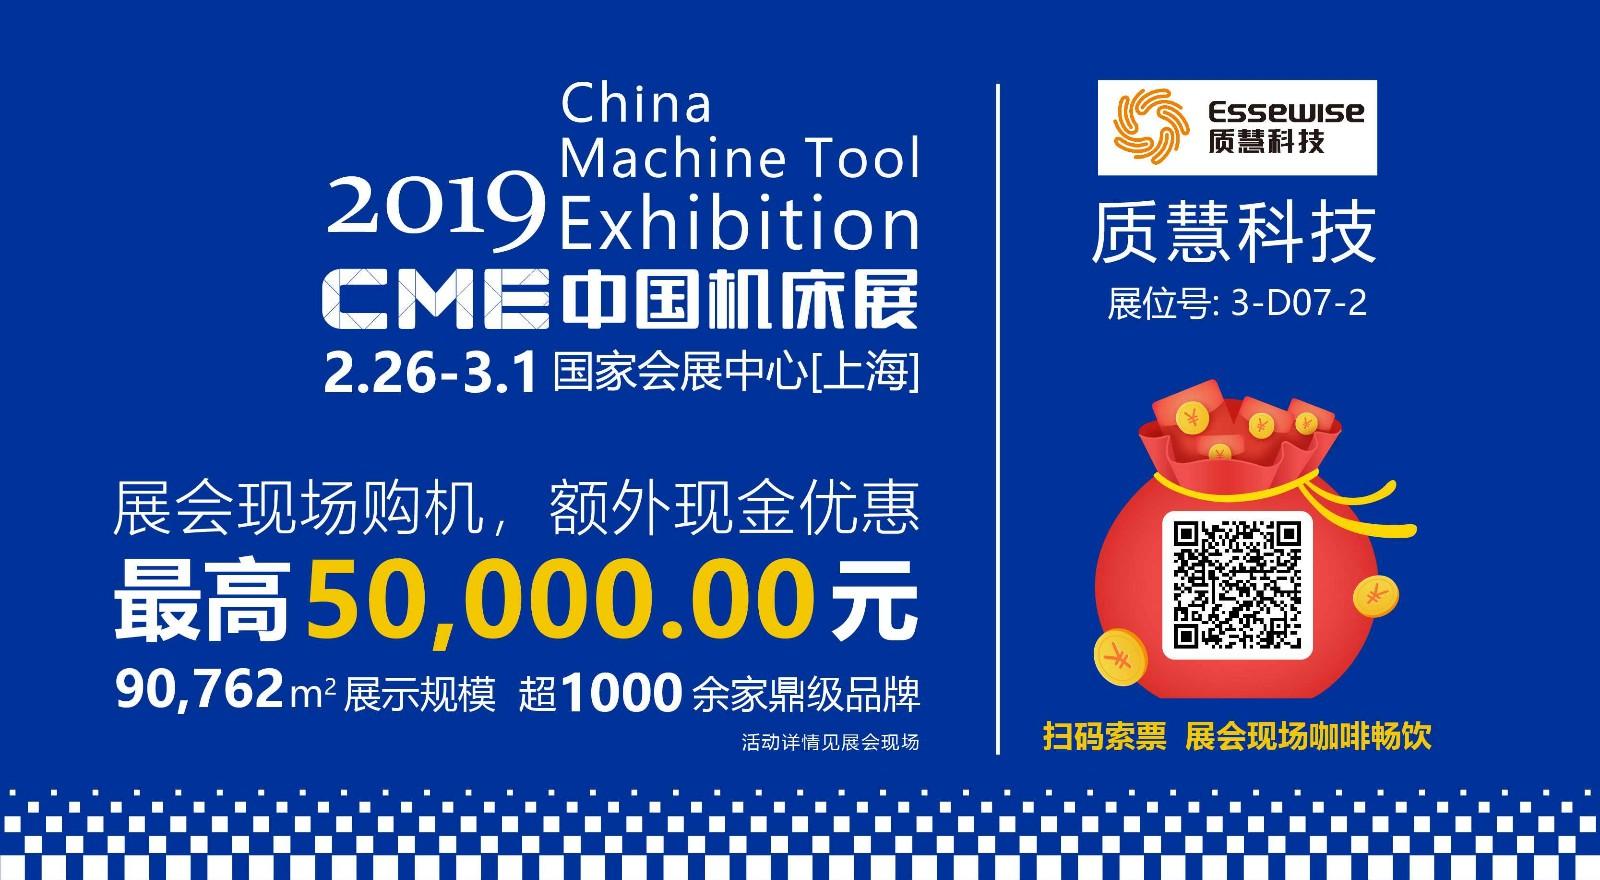 展会邀请函!2019CME中国机床展